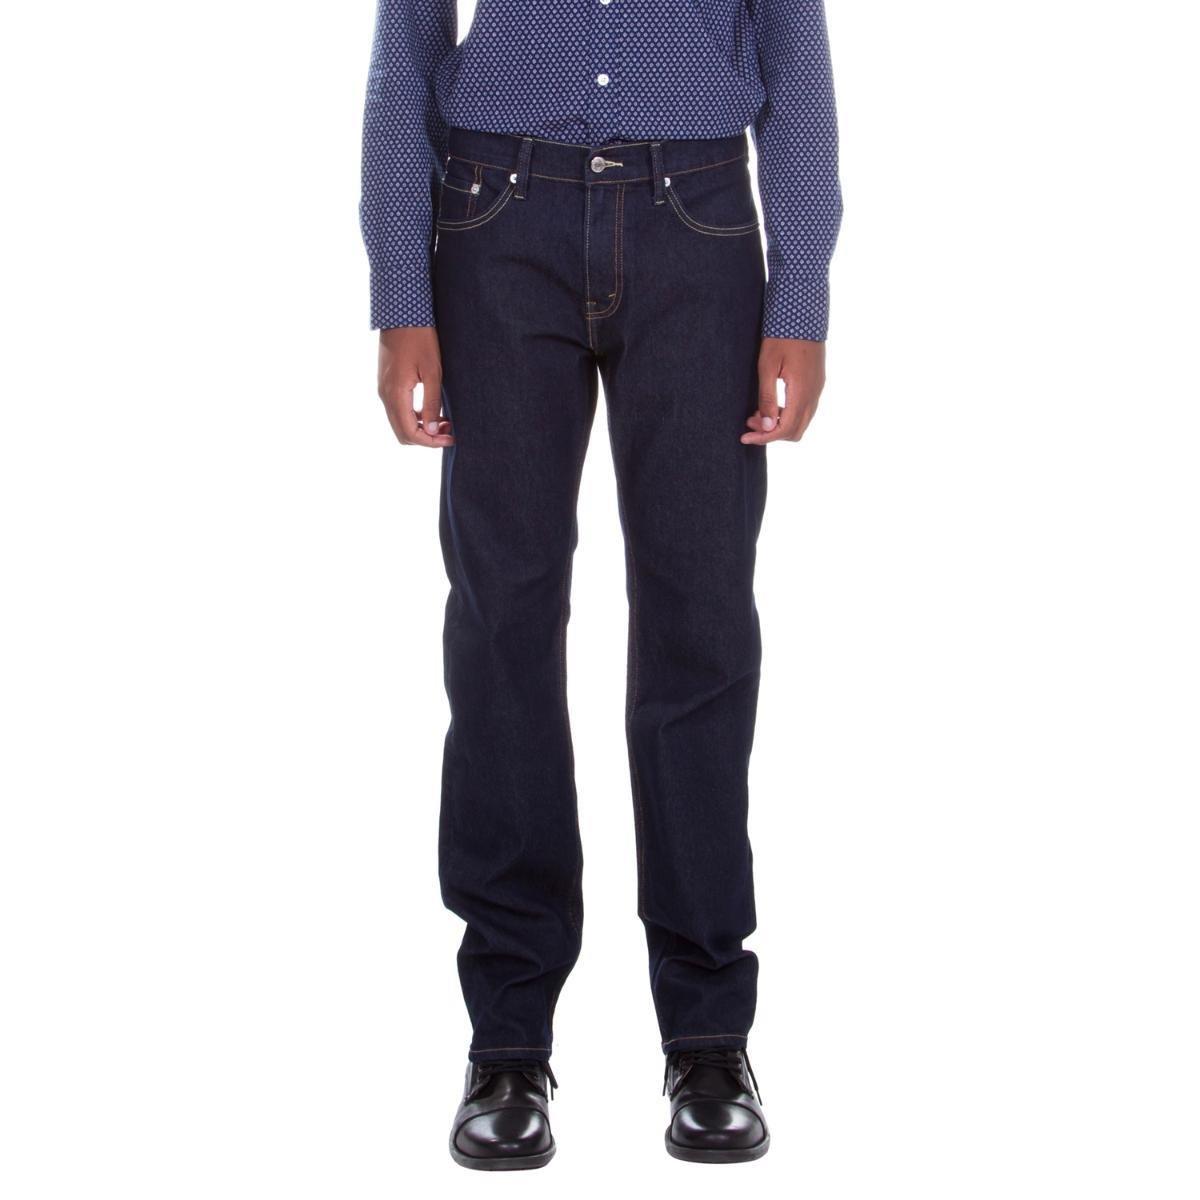 5baad7ec79c86 Calça Levi s Regular Fit Masculina - Preto - Compre Agora